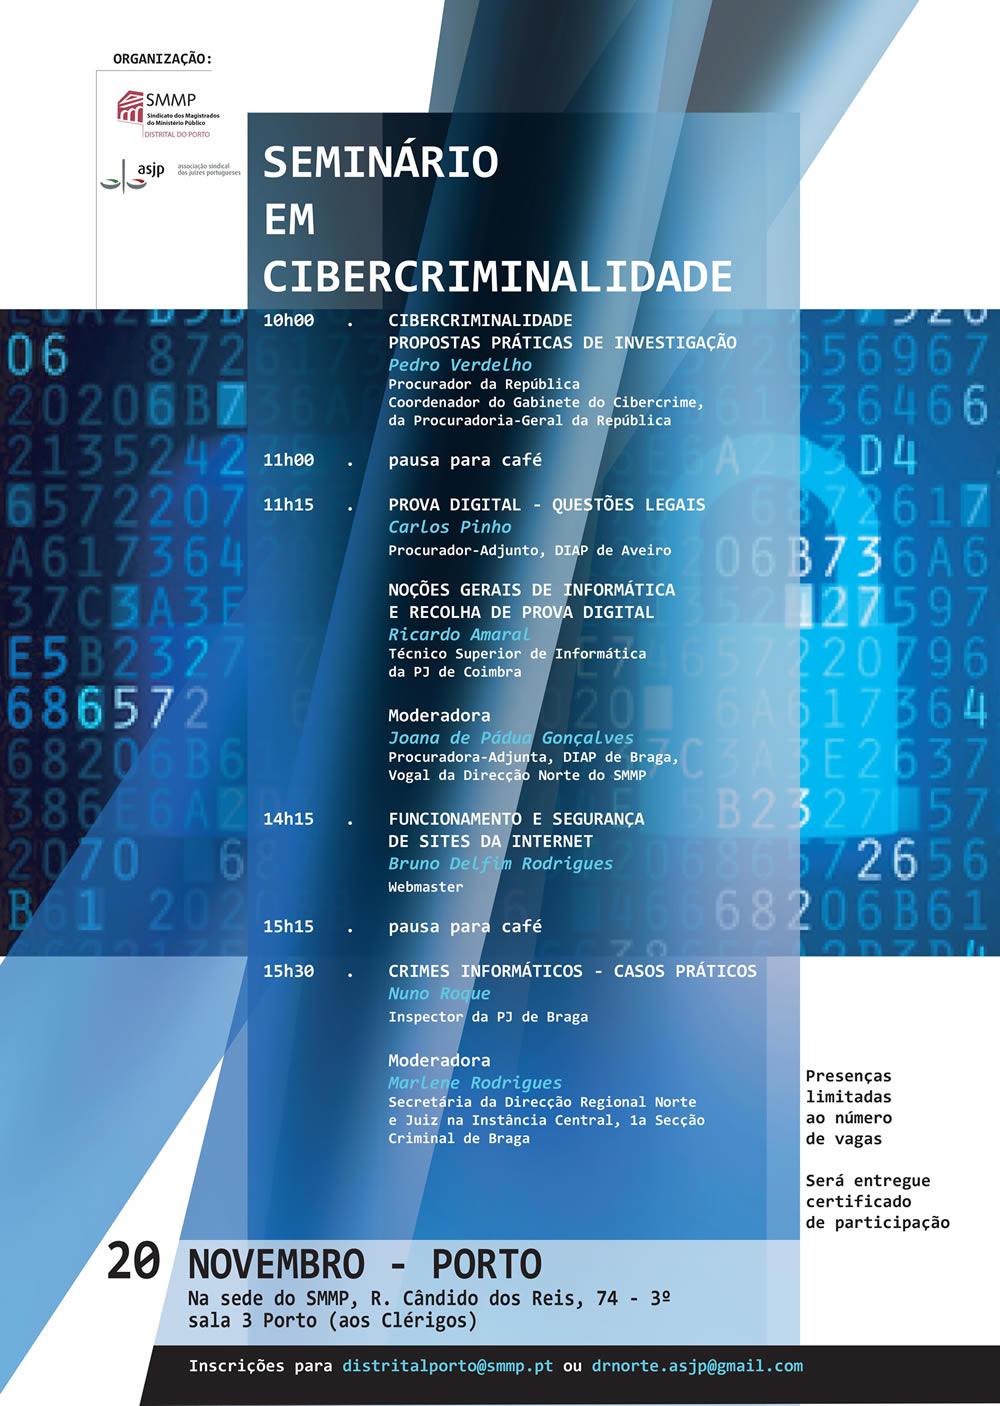 Seminário em Cibercriminalidade